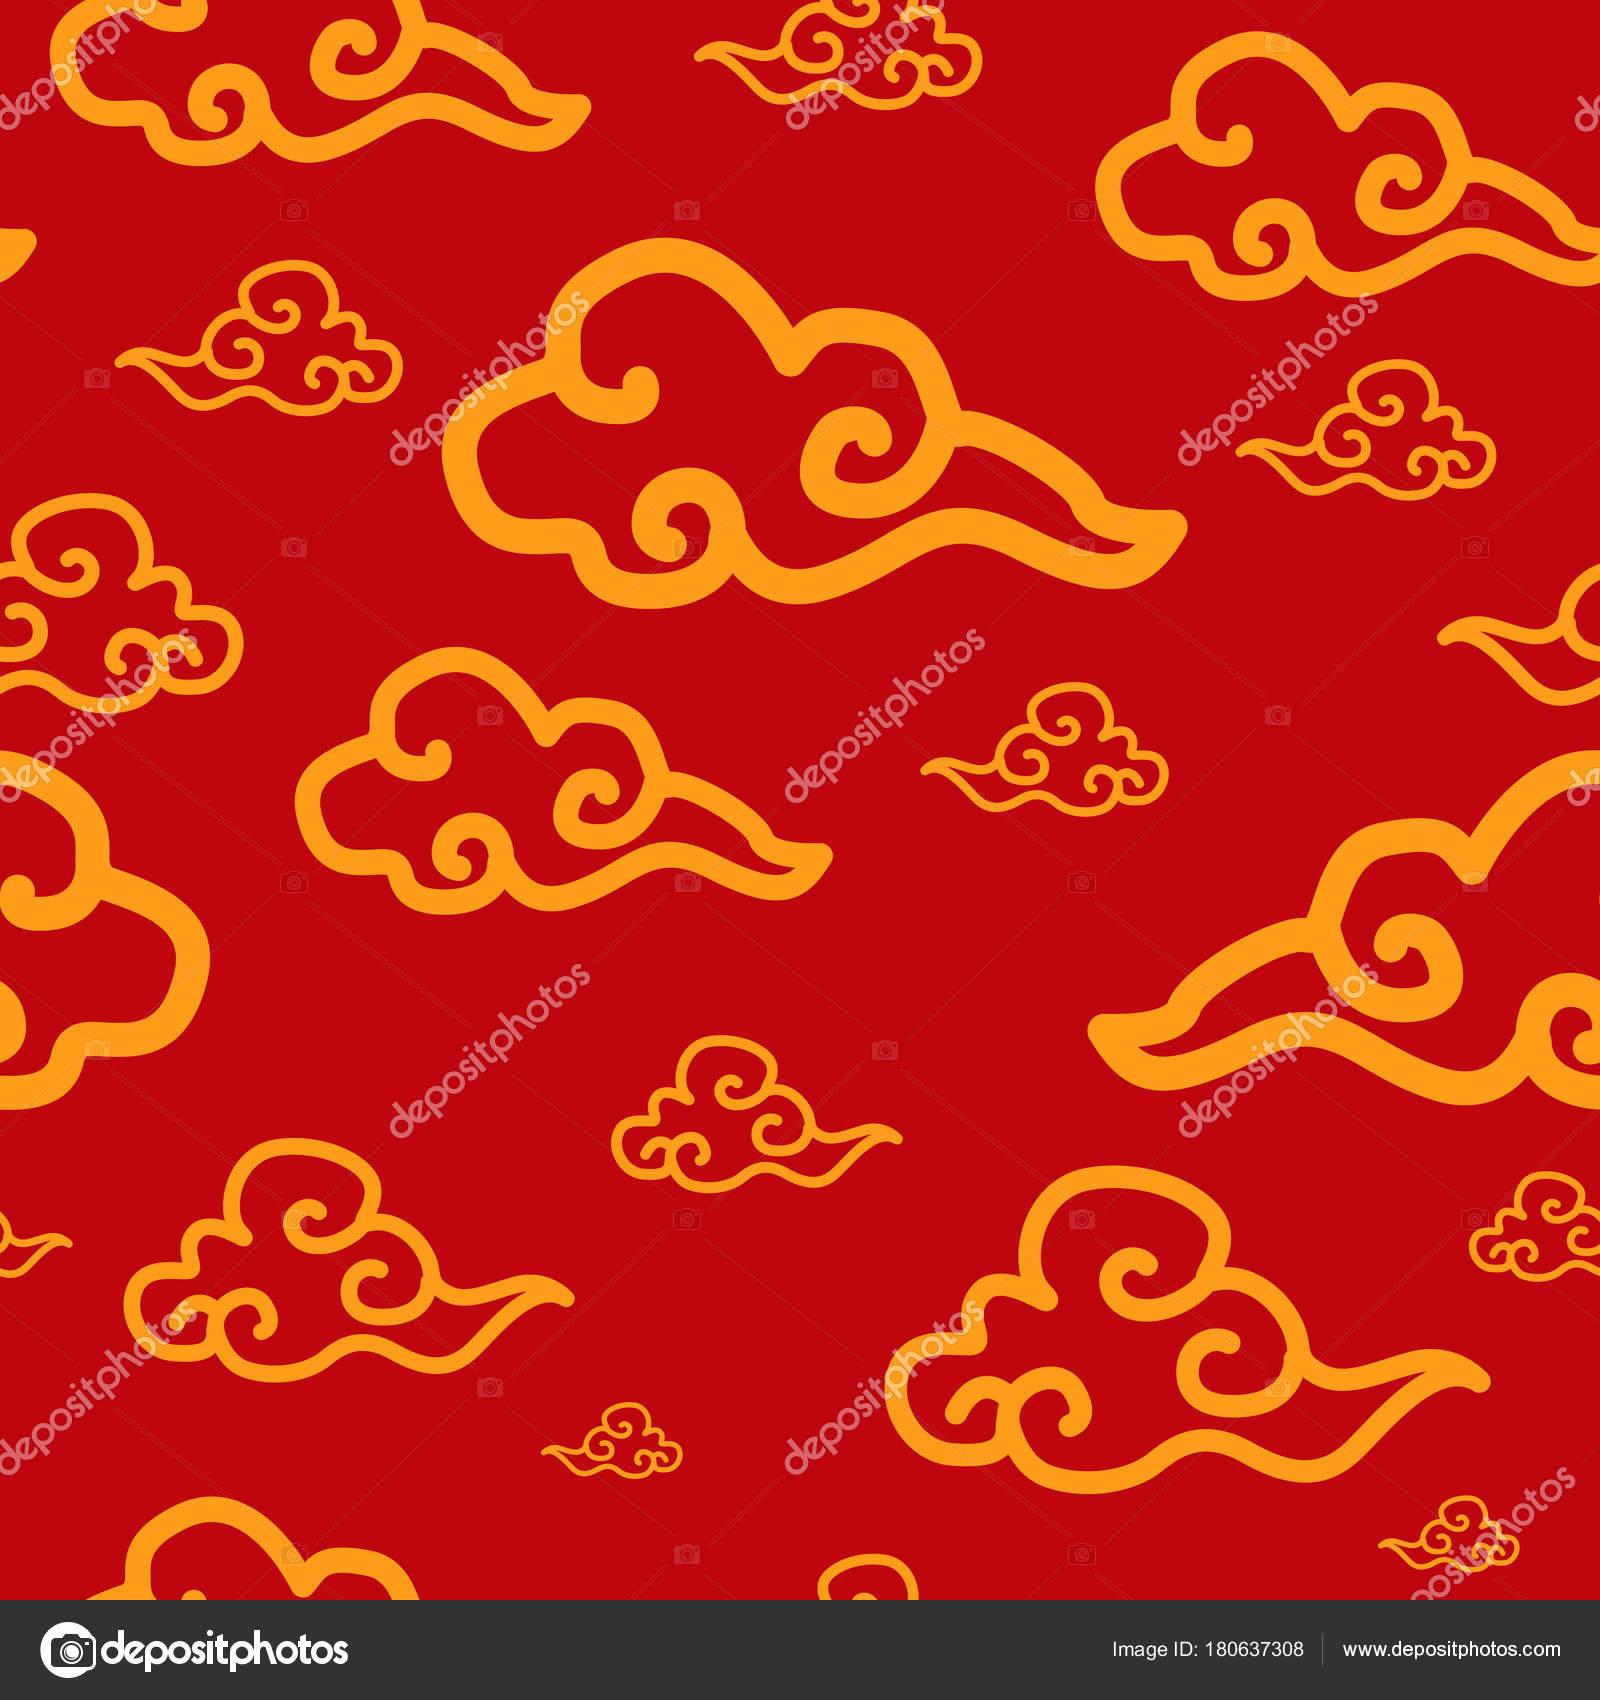 Chinese New Year Wallpaper Musterdesign Hintergrund — Stockvektor ...